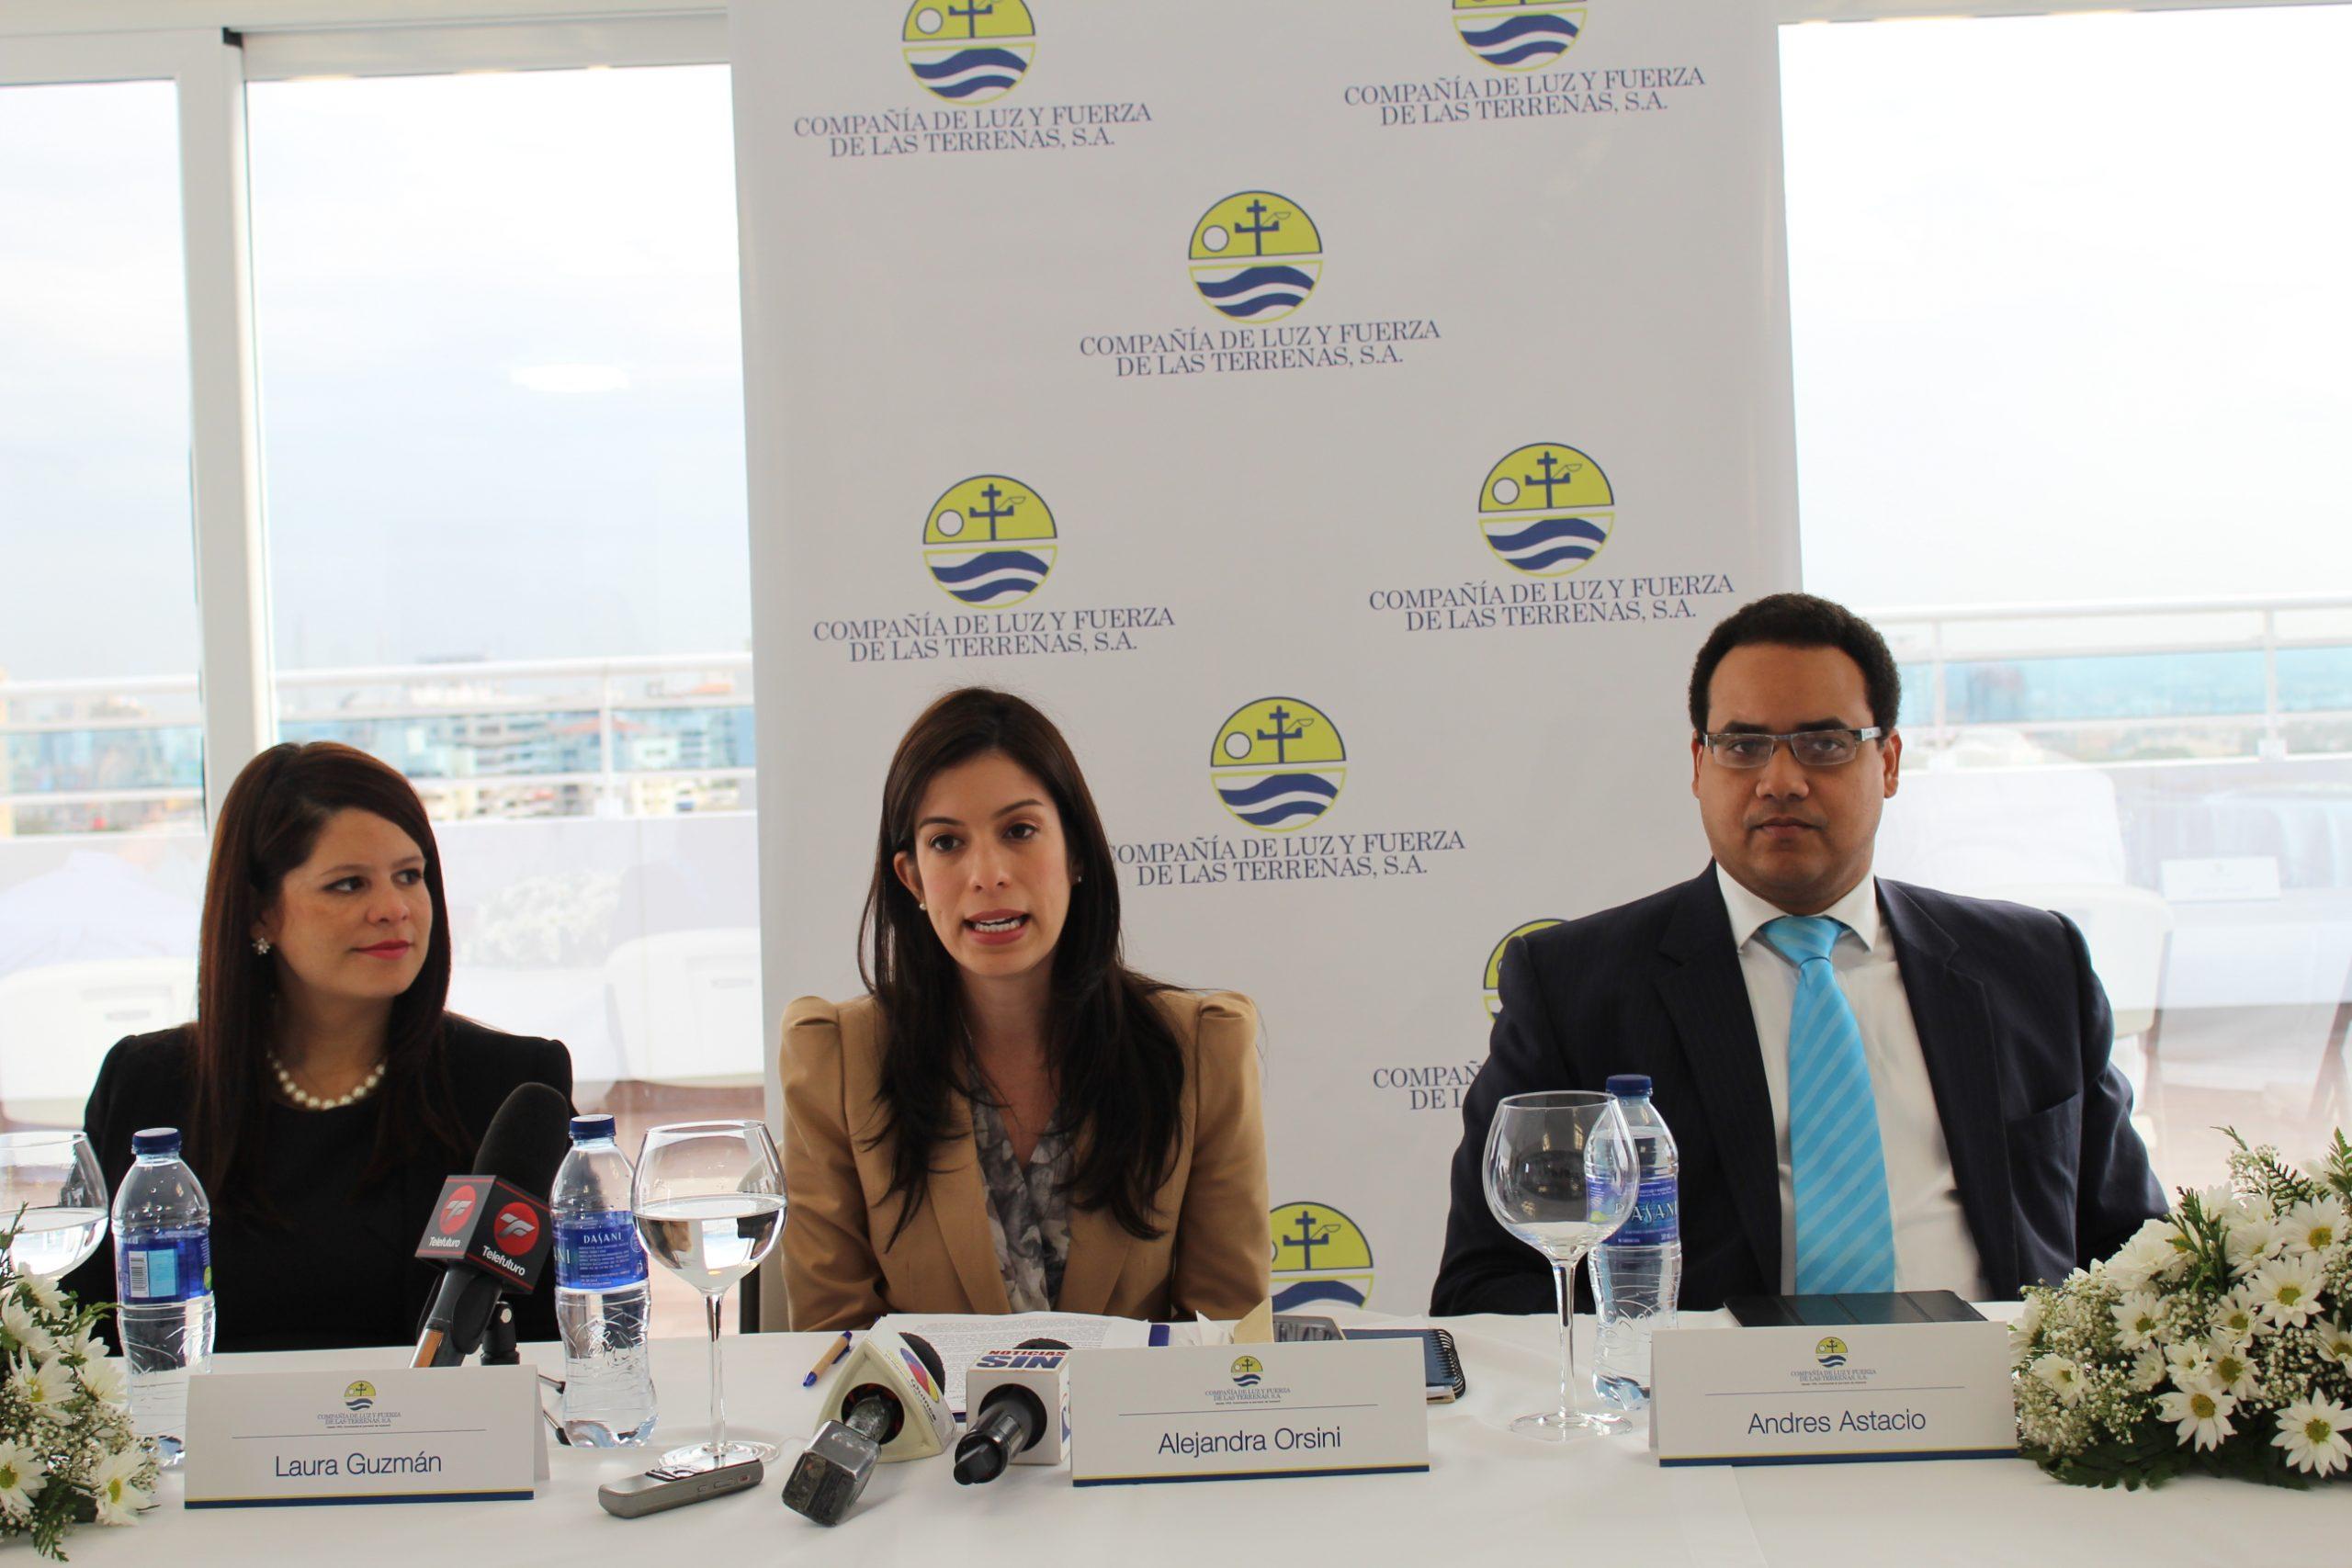 Alejandra Orsini pide la intervención de la zona para evitar una crisis insuperable en el turismo de Las Terrenas.